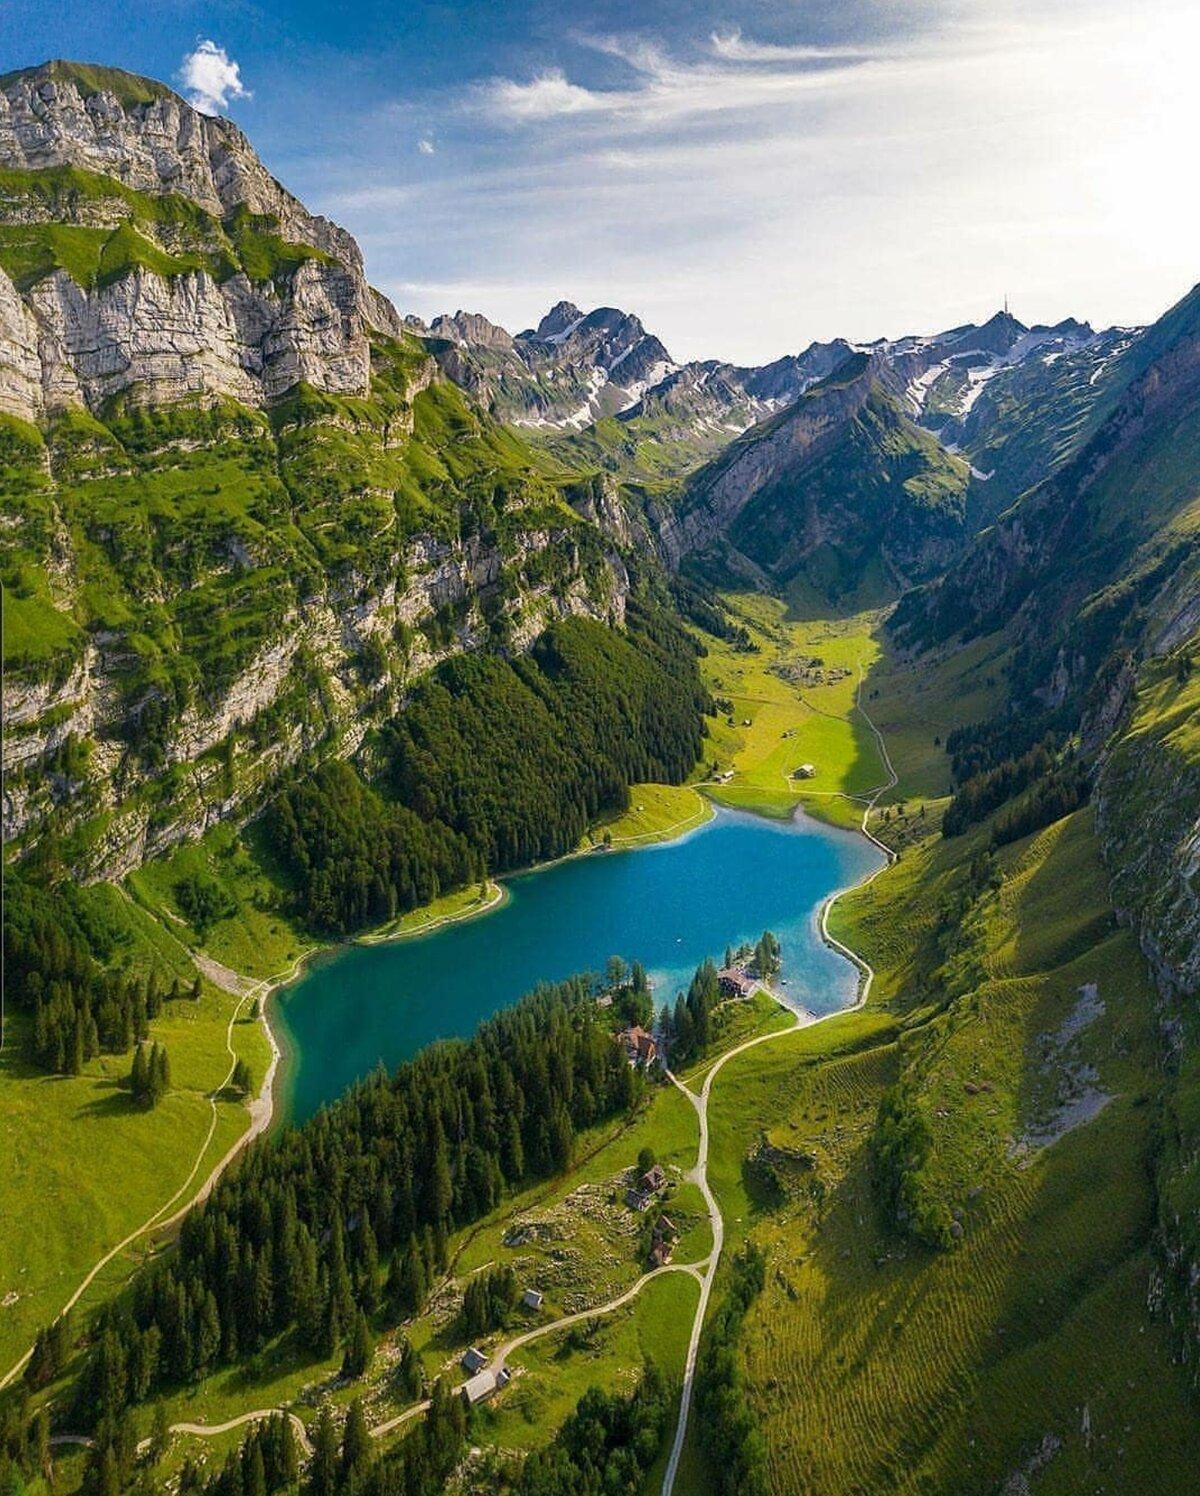 около картинки красивая долина прямом смысле